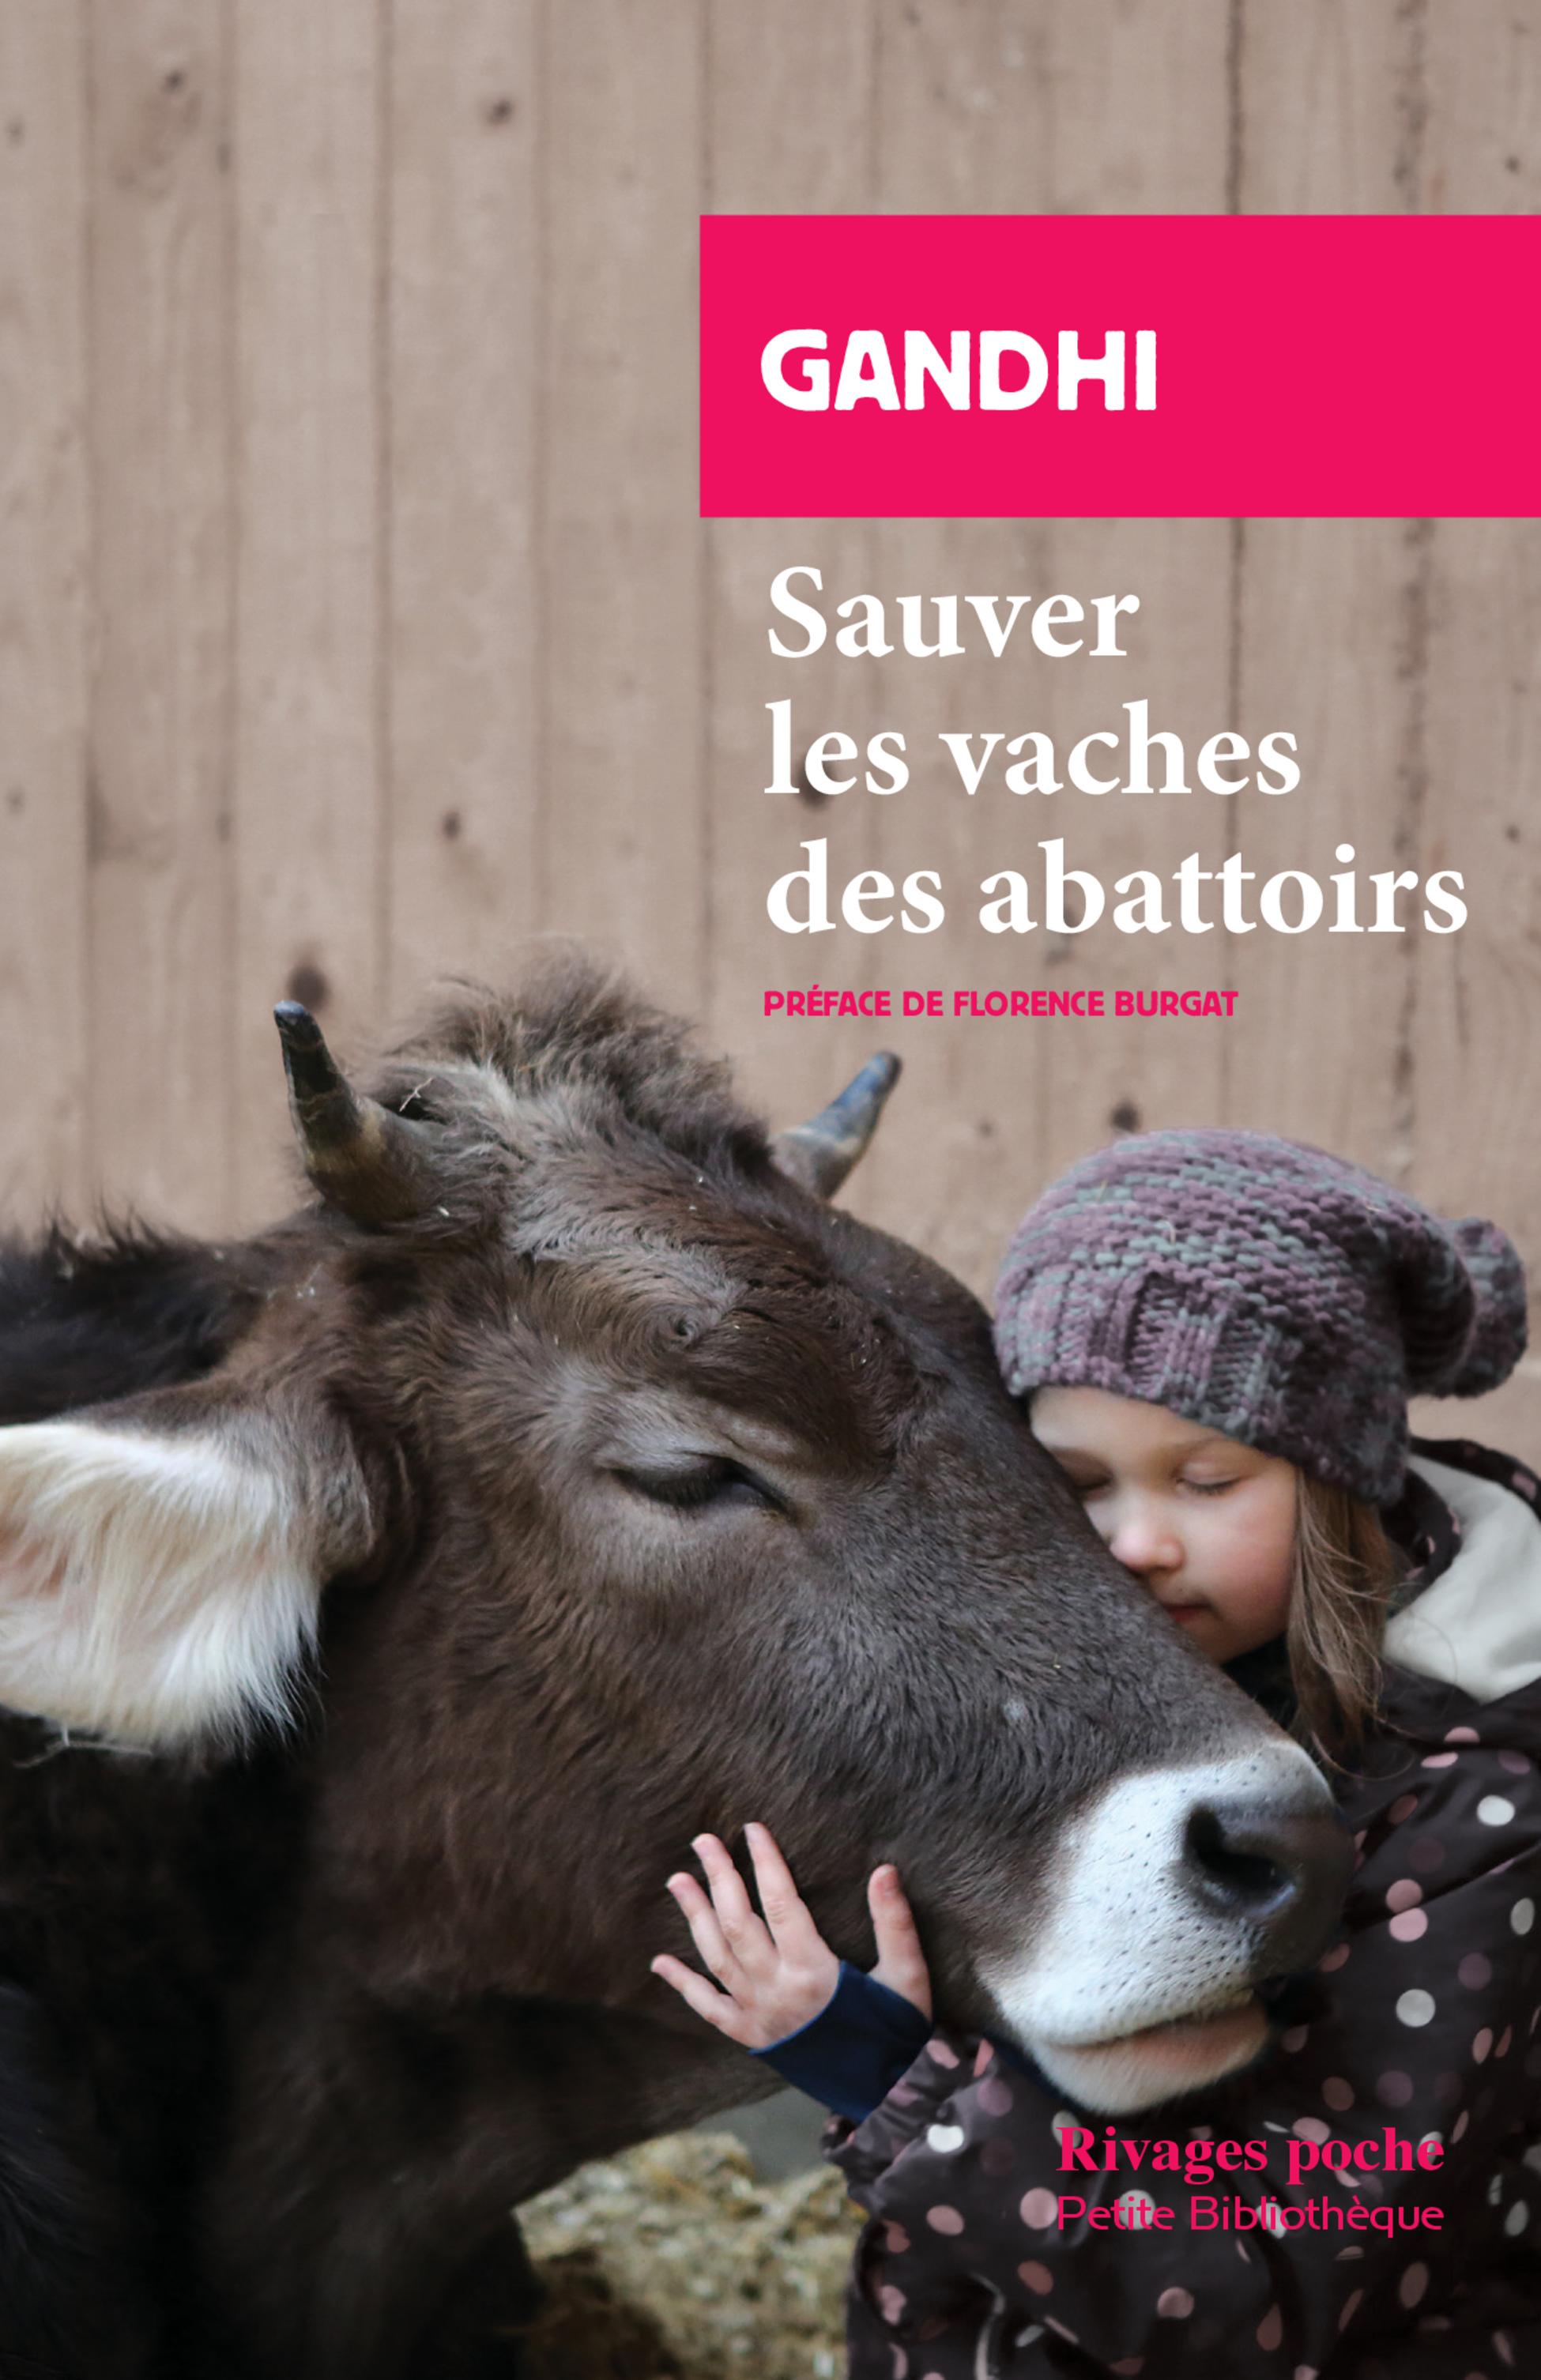 Sauver les vaches des abattoirs